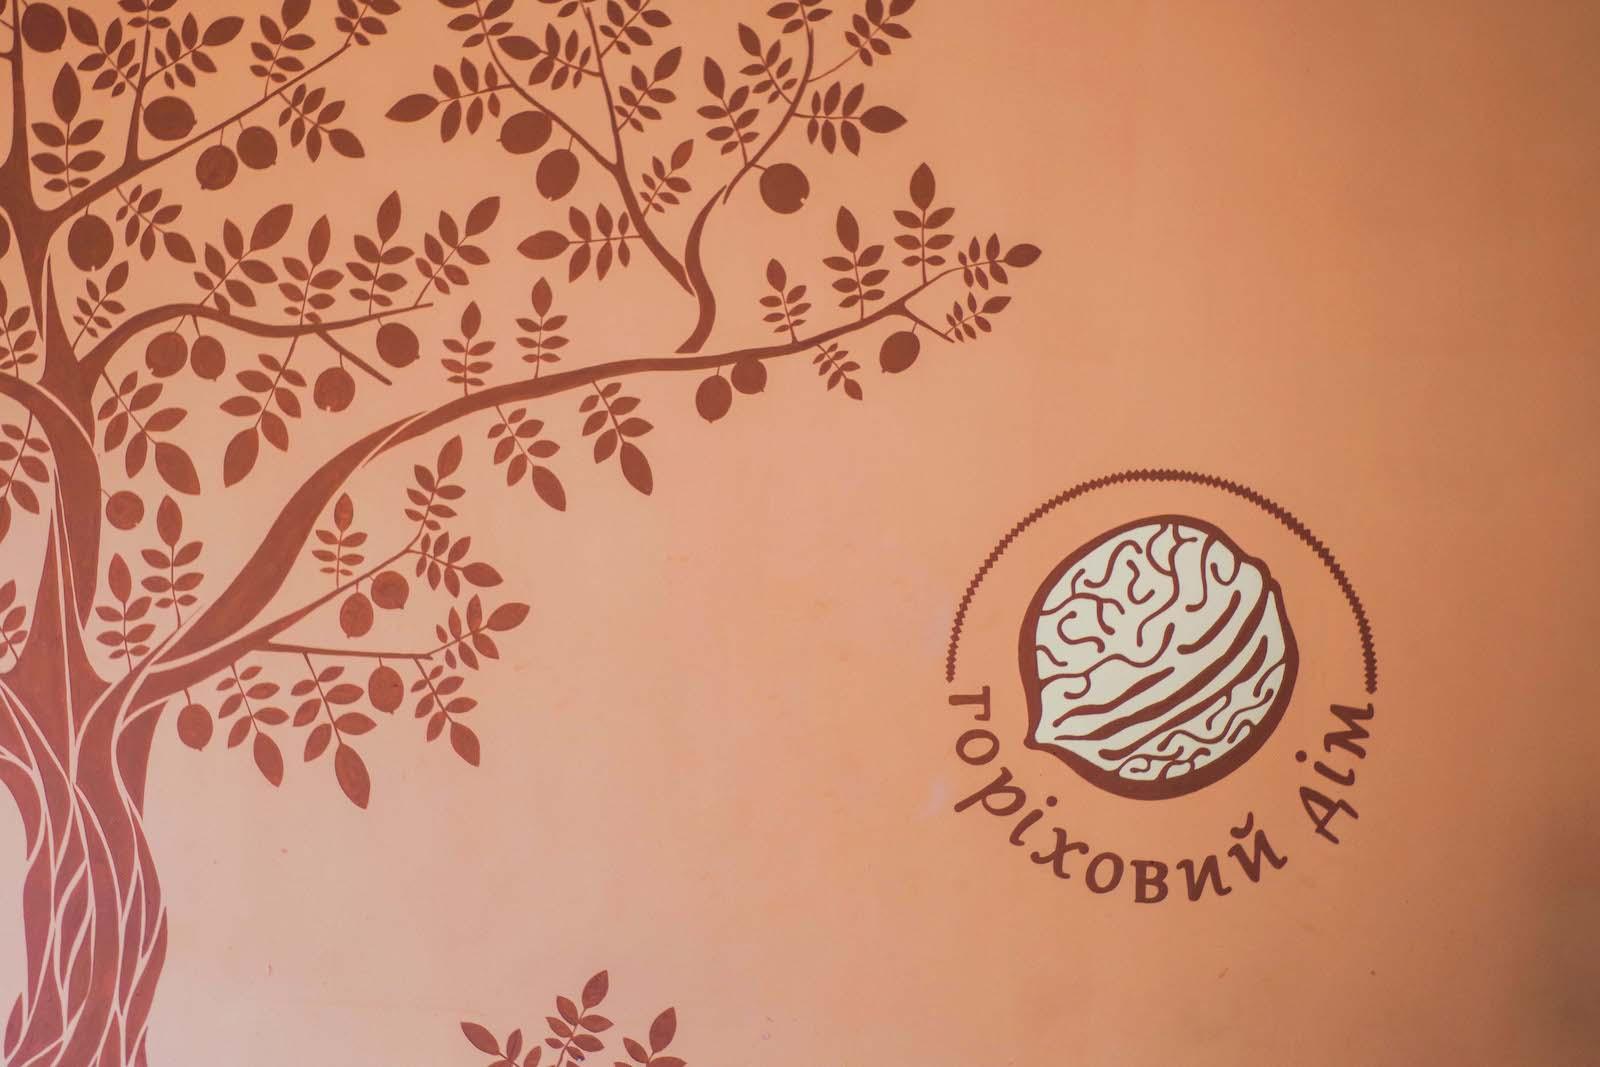 Юрій Лопатинський, Горіховий Дім: «Ми долаємо бідність, підтримуючи жінок у кризі»